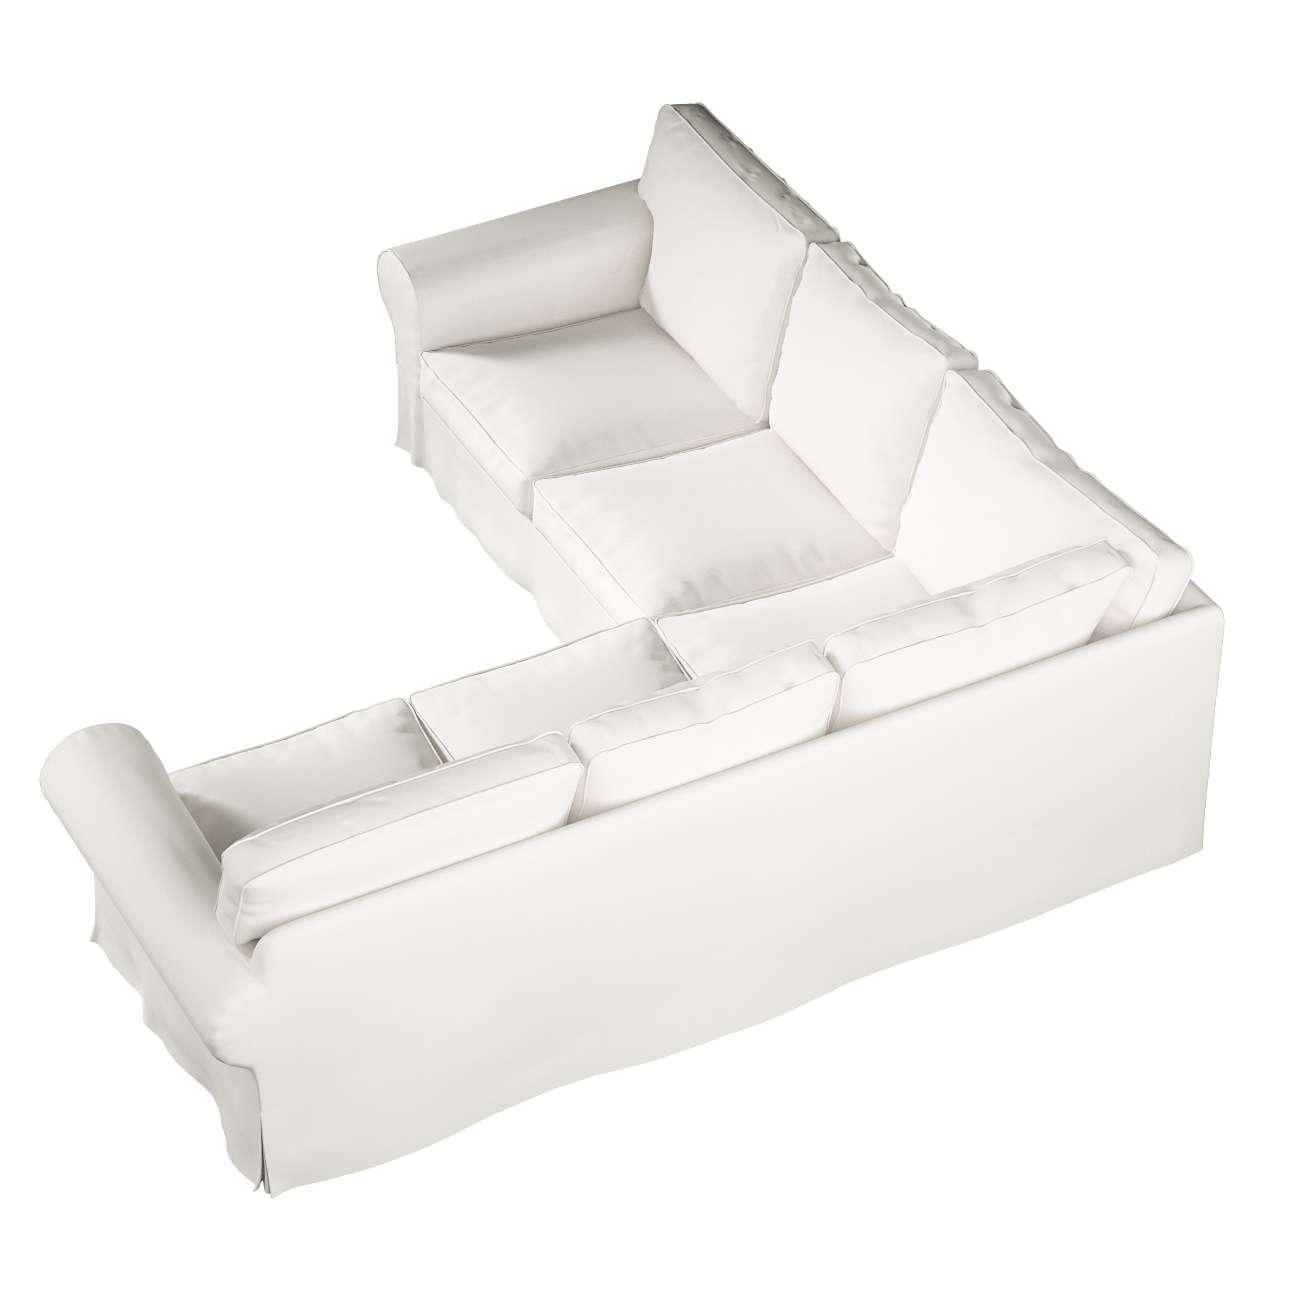 Pokrowiec na sofę narożną Ektorp w kolekcji Cotton Panama, tkanina: 702-34